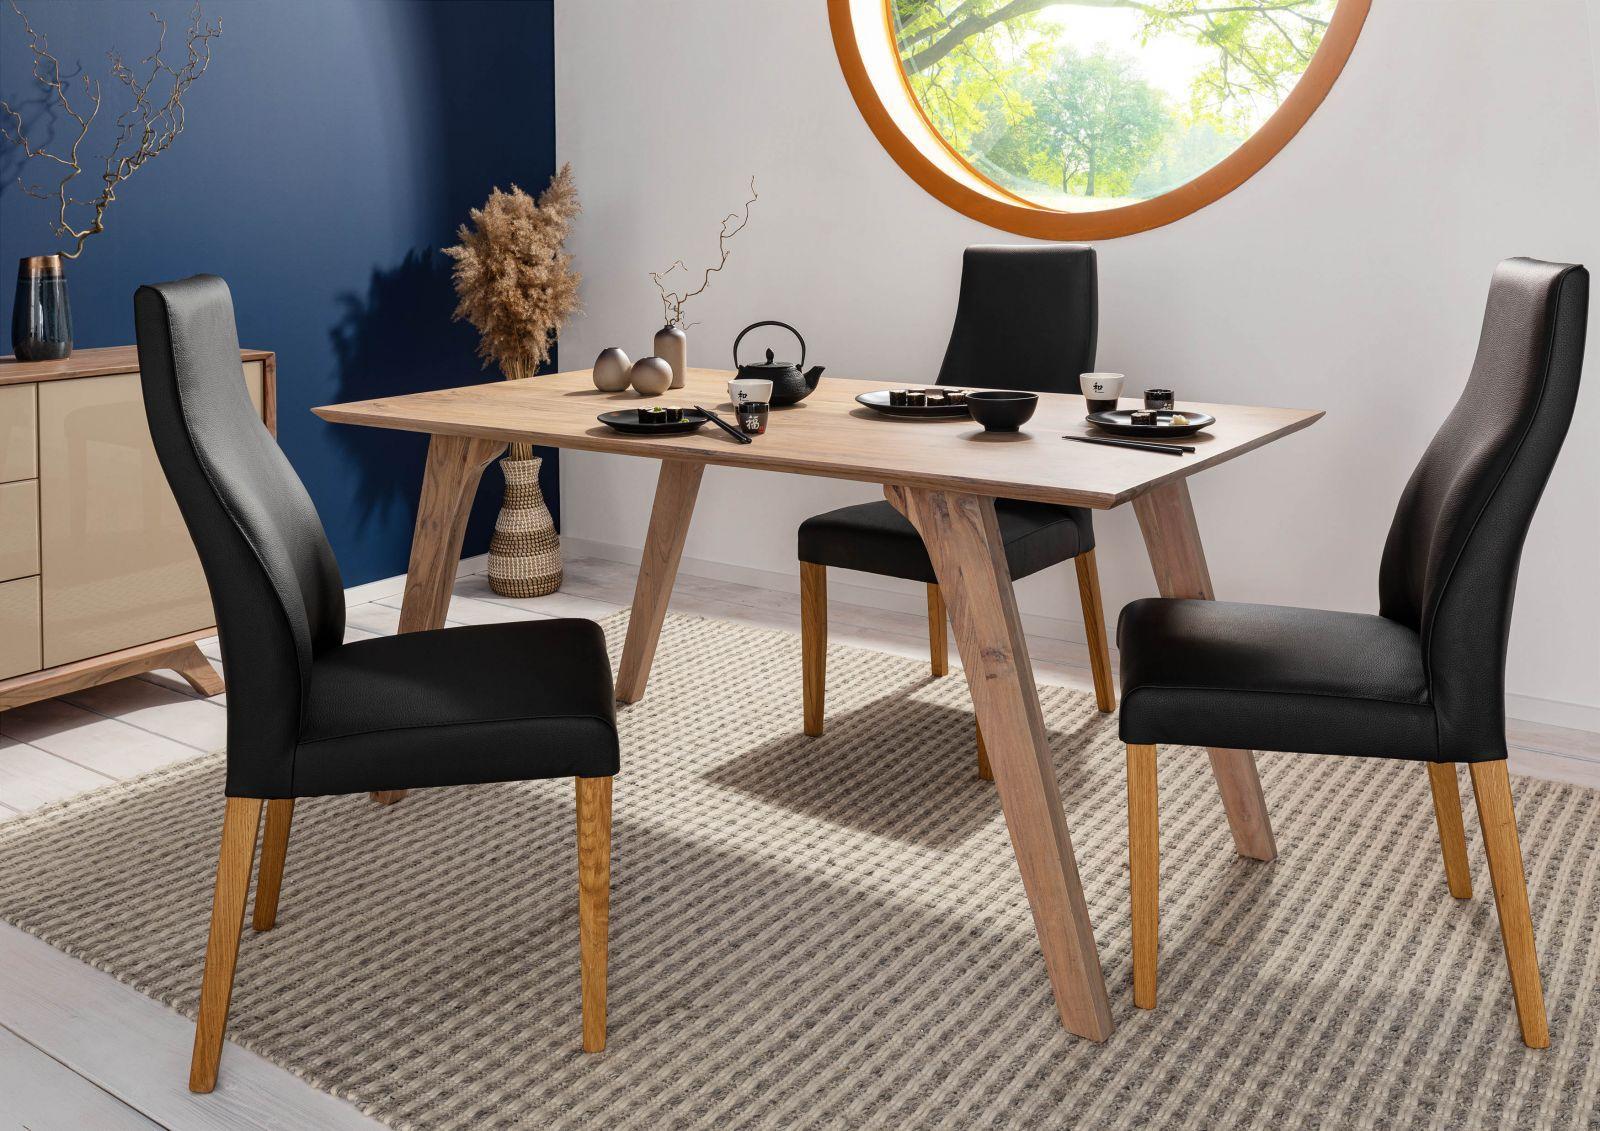 #massivmoebel24 #Akazie #Akazienholz #wood #wohnen #holzdetail #massiv #diningtable #Inspiration #interior #Esszimmer #Möbel #holz #instainterior #instahome #interiorlover #diningroom #table #tisch #modern #furniture  #einrichtung #einrichtungsideen #decoracao #decorideas #bamberg #modernhomes #dailyinterior